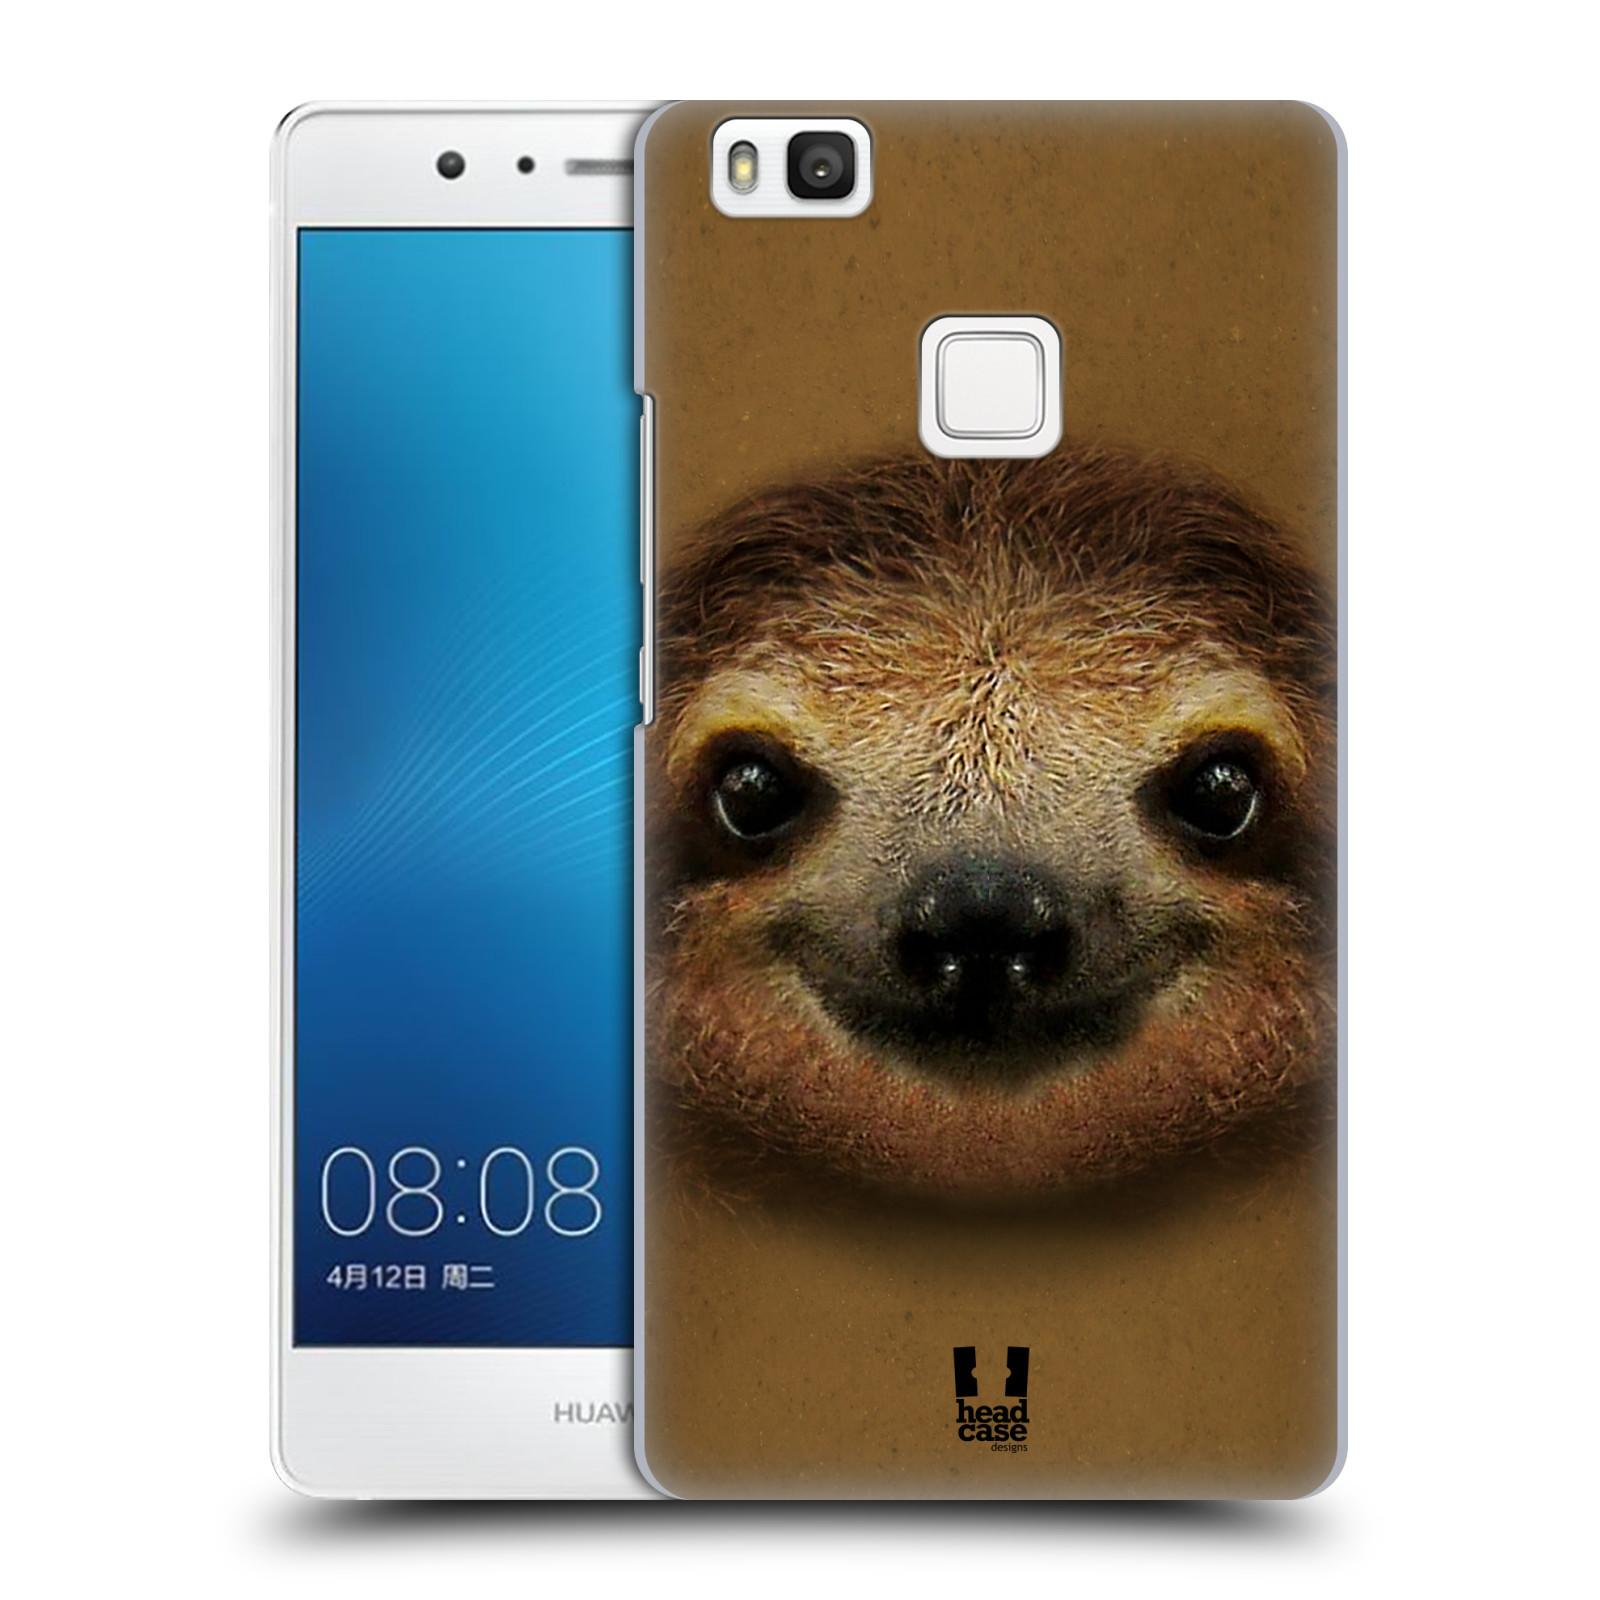 HEAD CASE plastový obal na mobil Huawei P9 LITE / P9 LITE DUAL SIM vzor Zvířecí tváře 2 lenochod